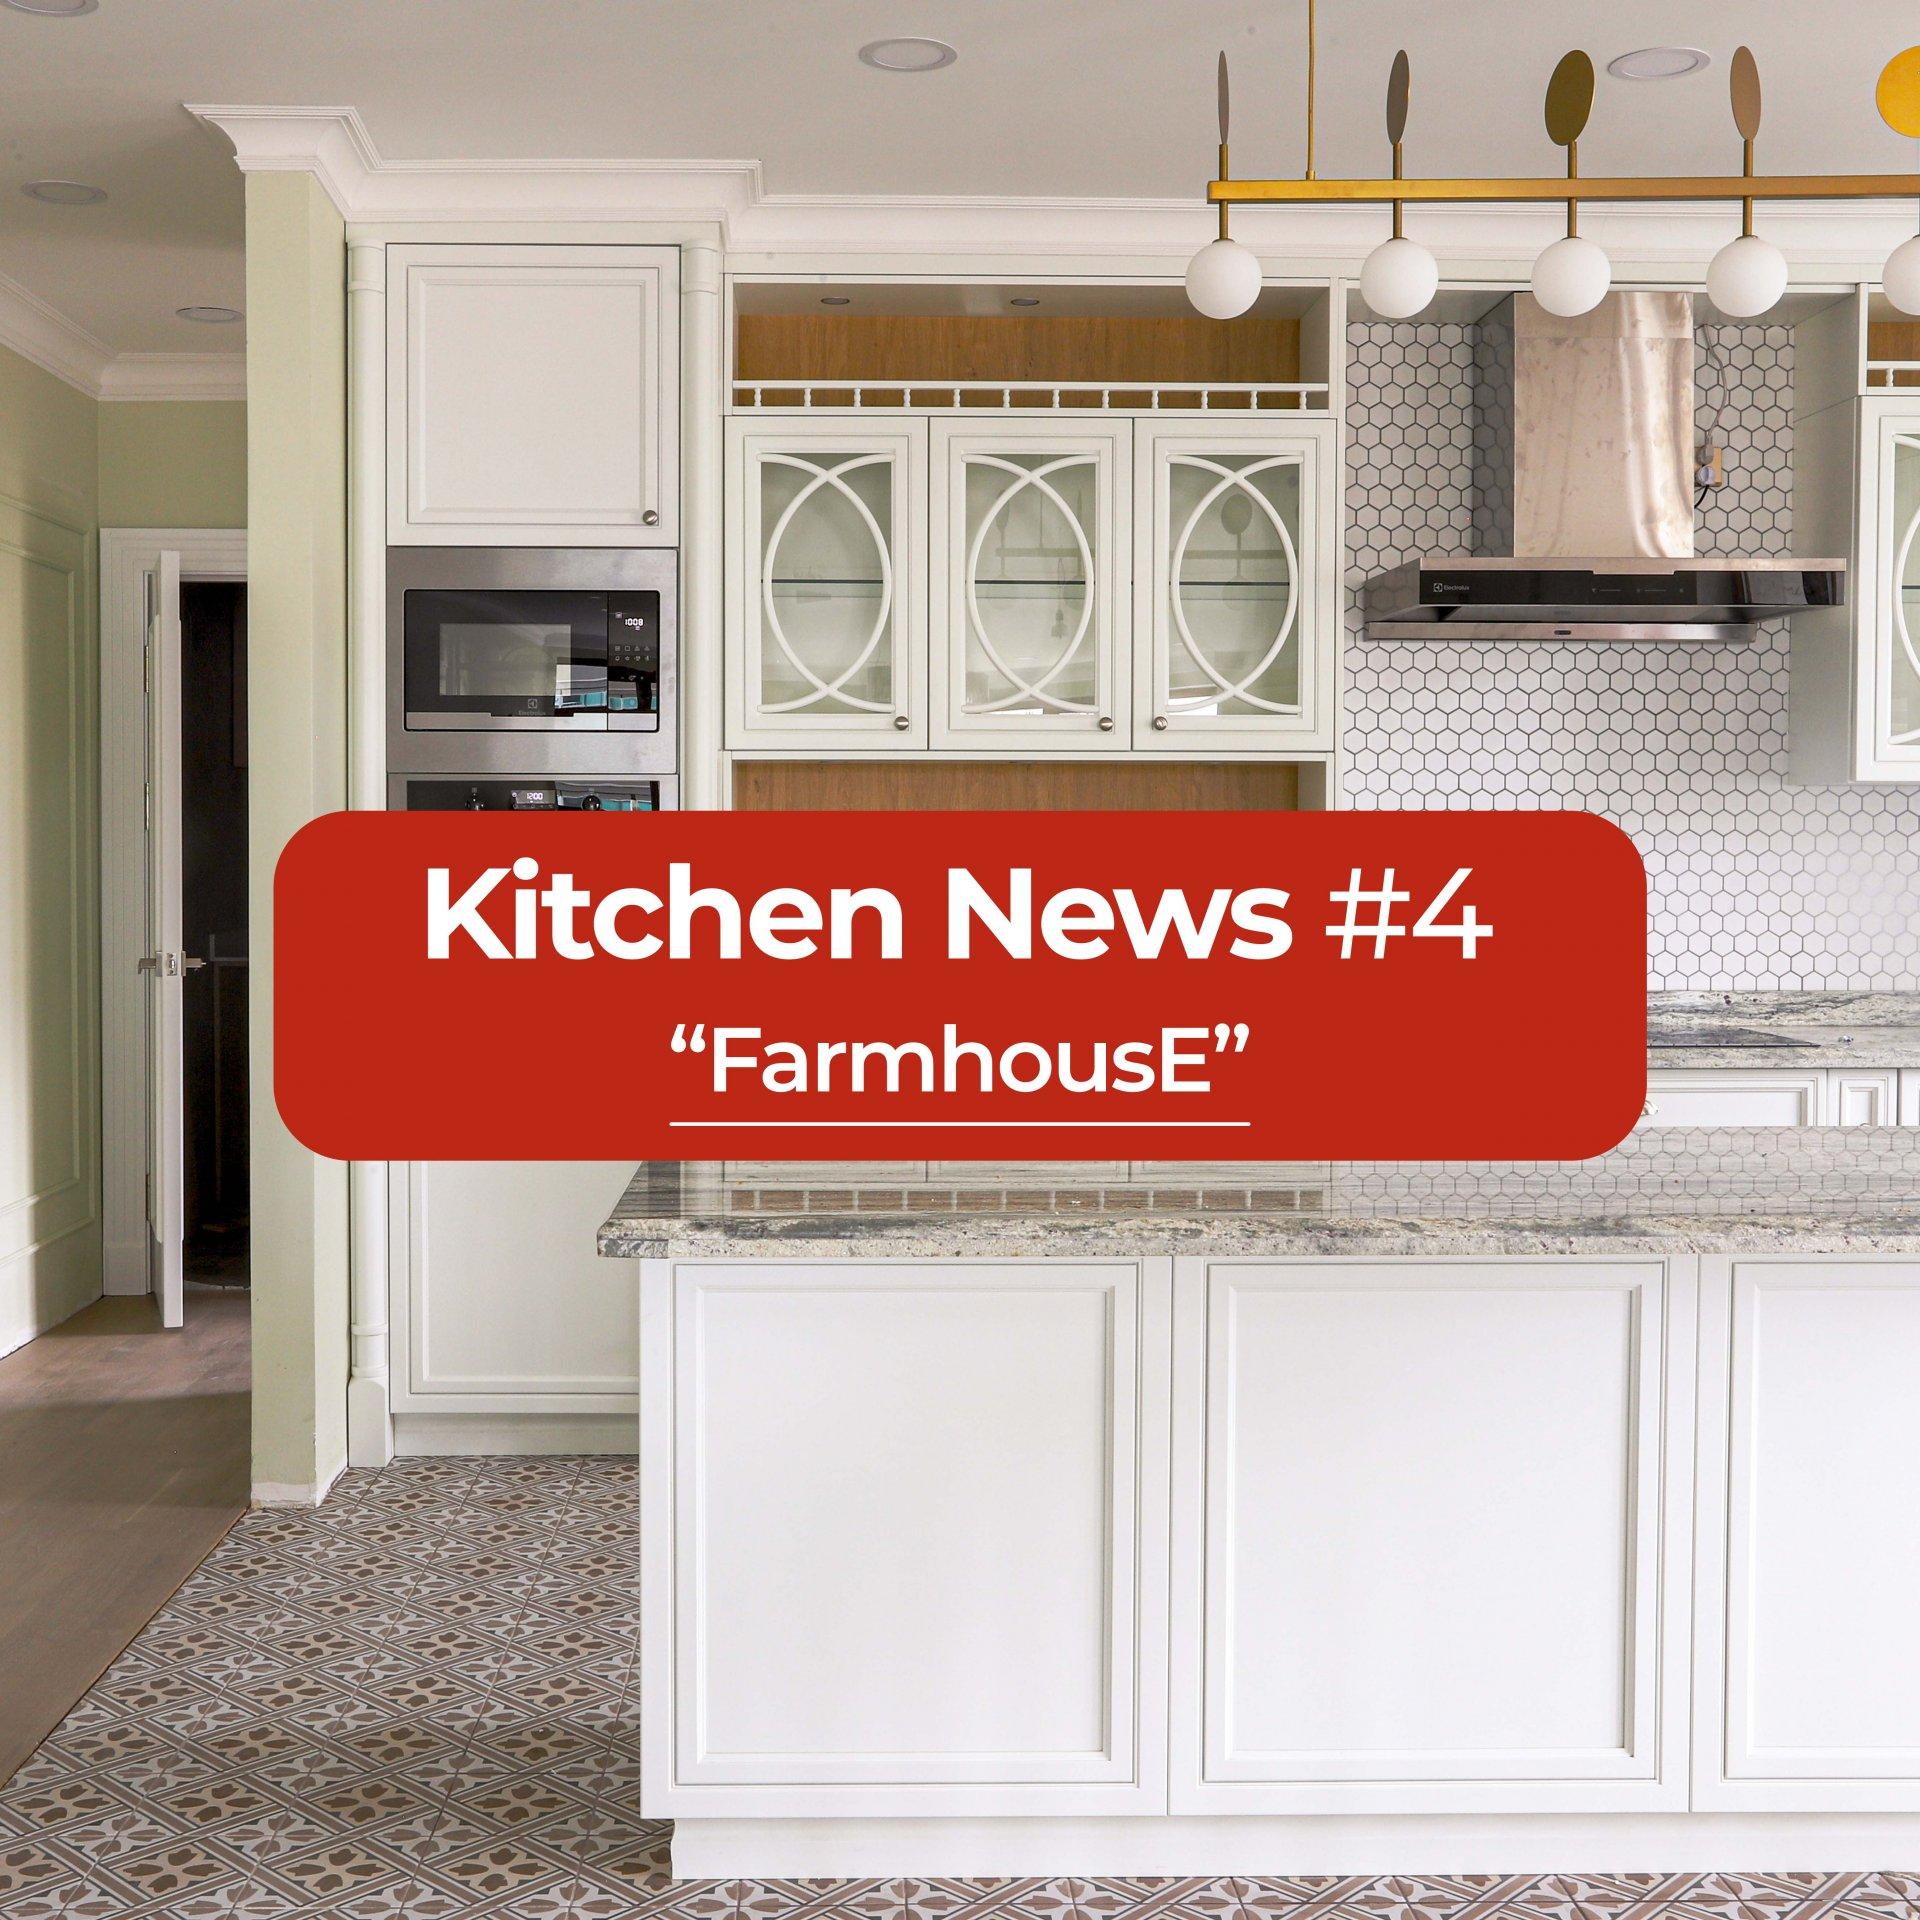 Kitchen News #4